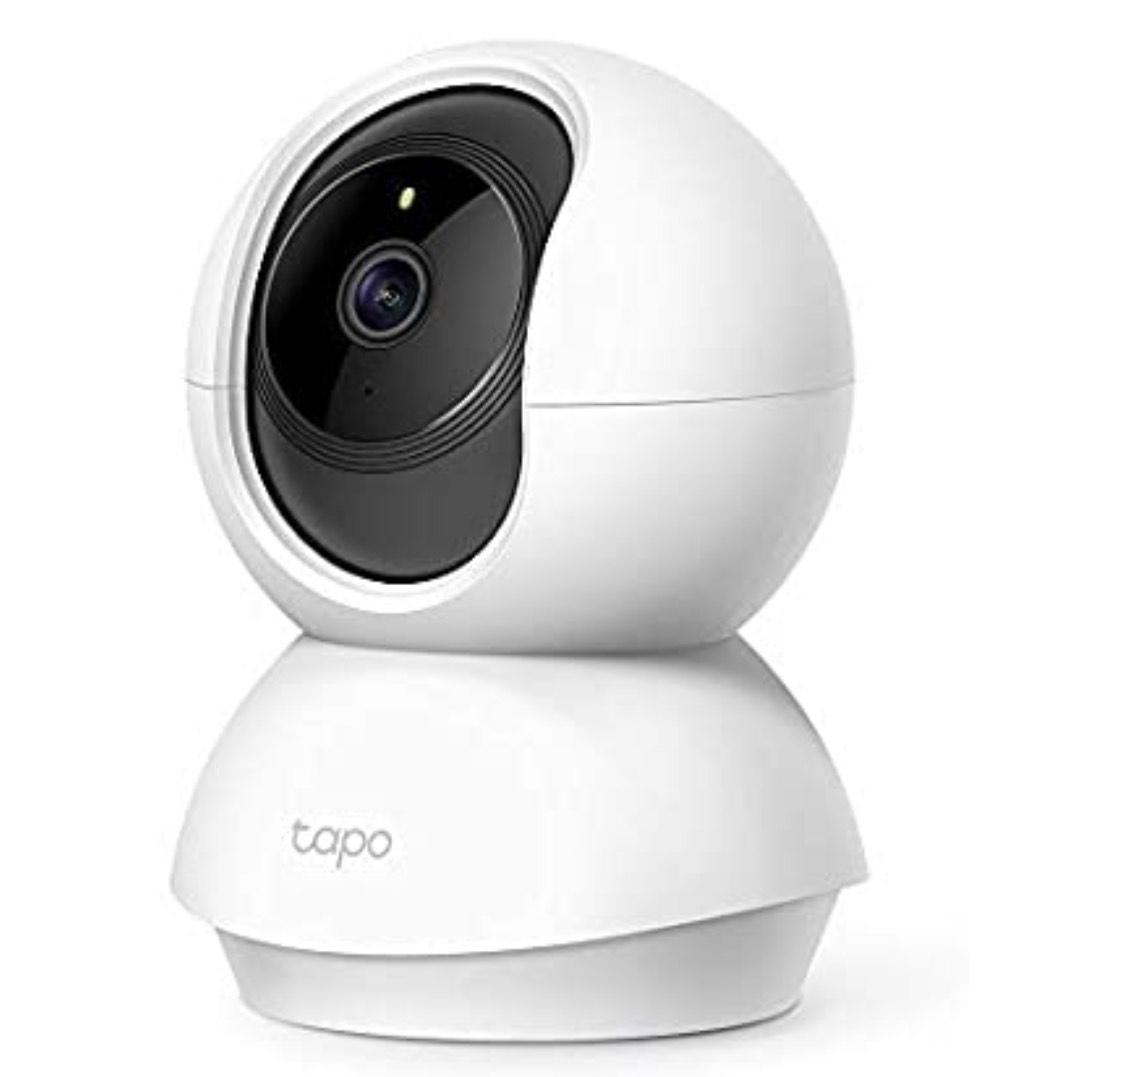 Amazon - TP-Link Tapo C200 WLAN IP Kamera Überwachungskamera